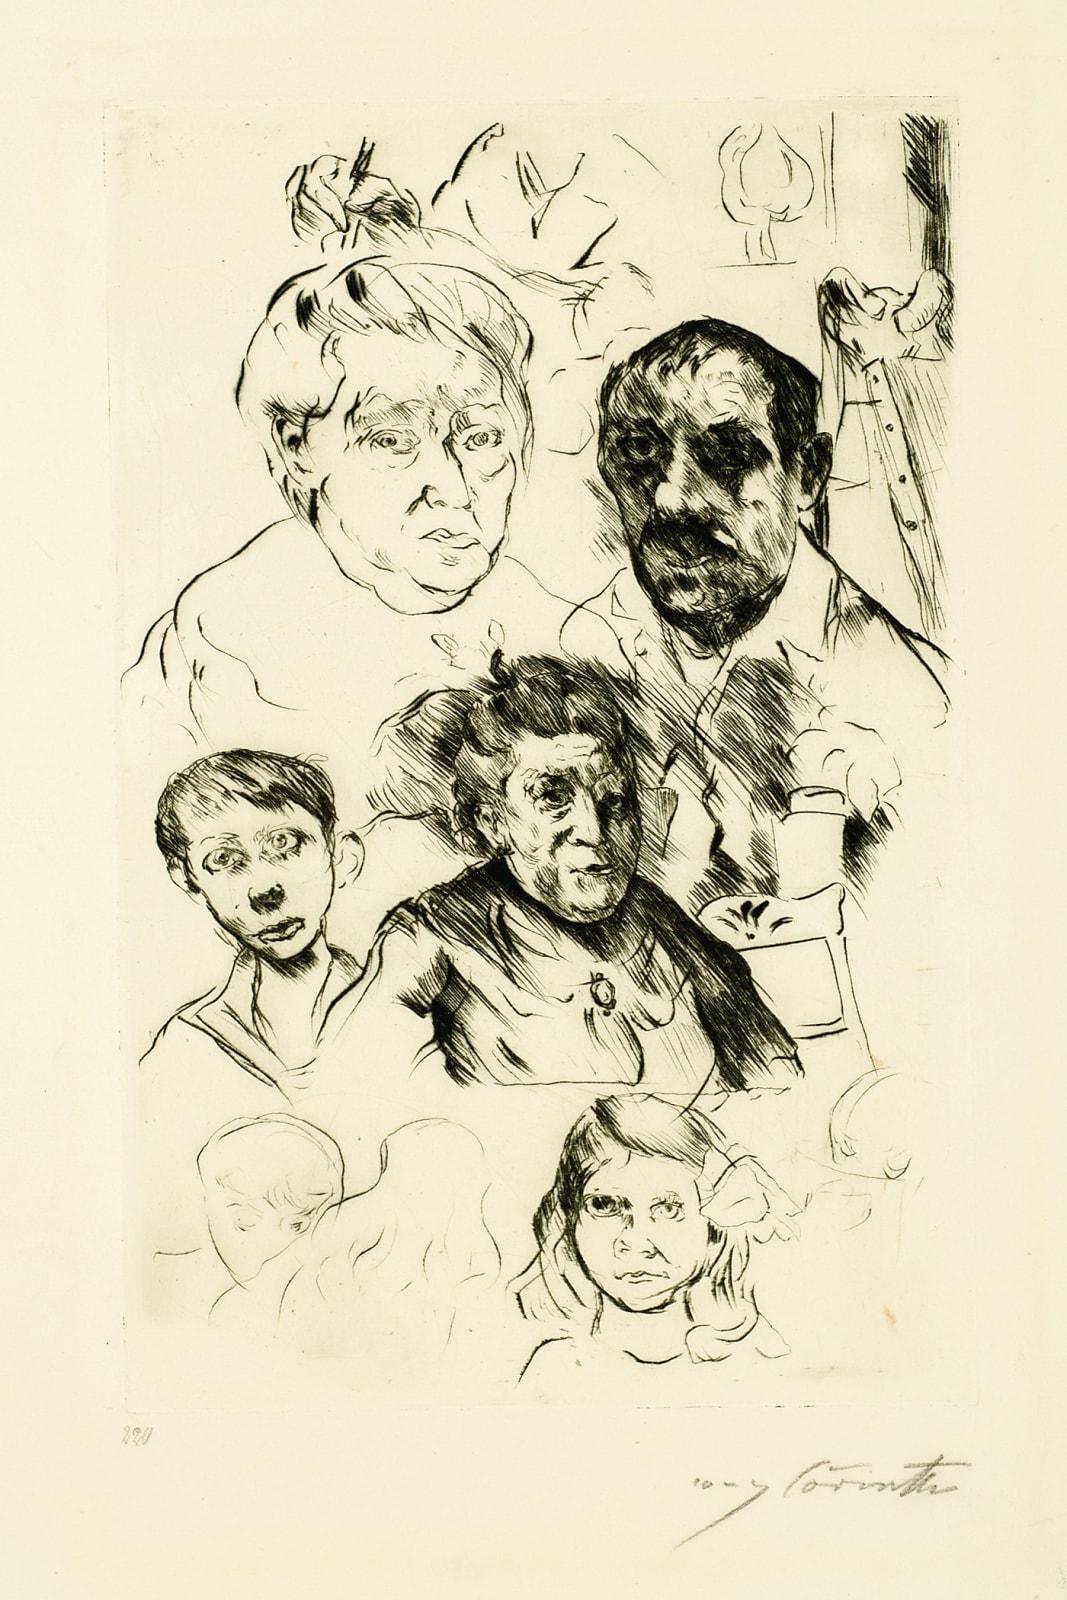 Lovis Corinth Verschiedene Kopfe und Selbstbildnis (Various Heads and Self-Portrait), 1915